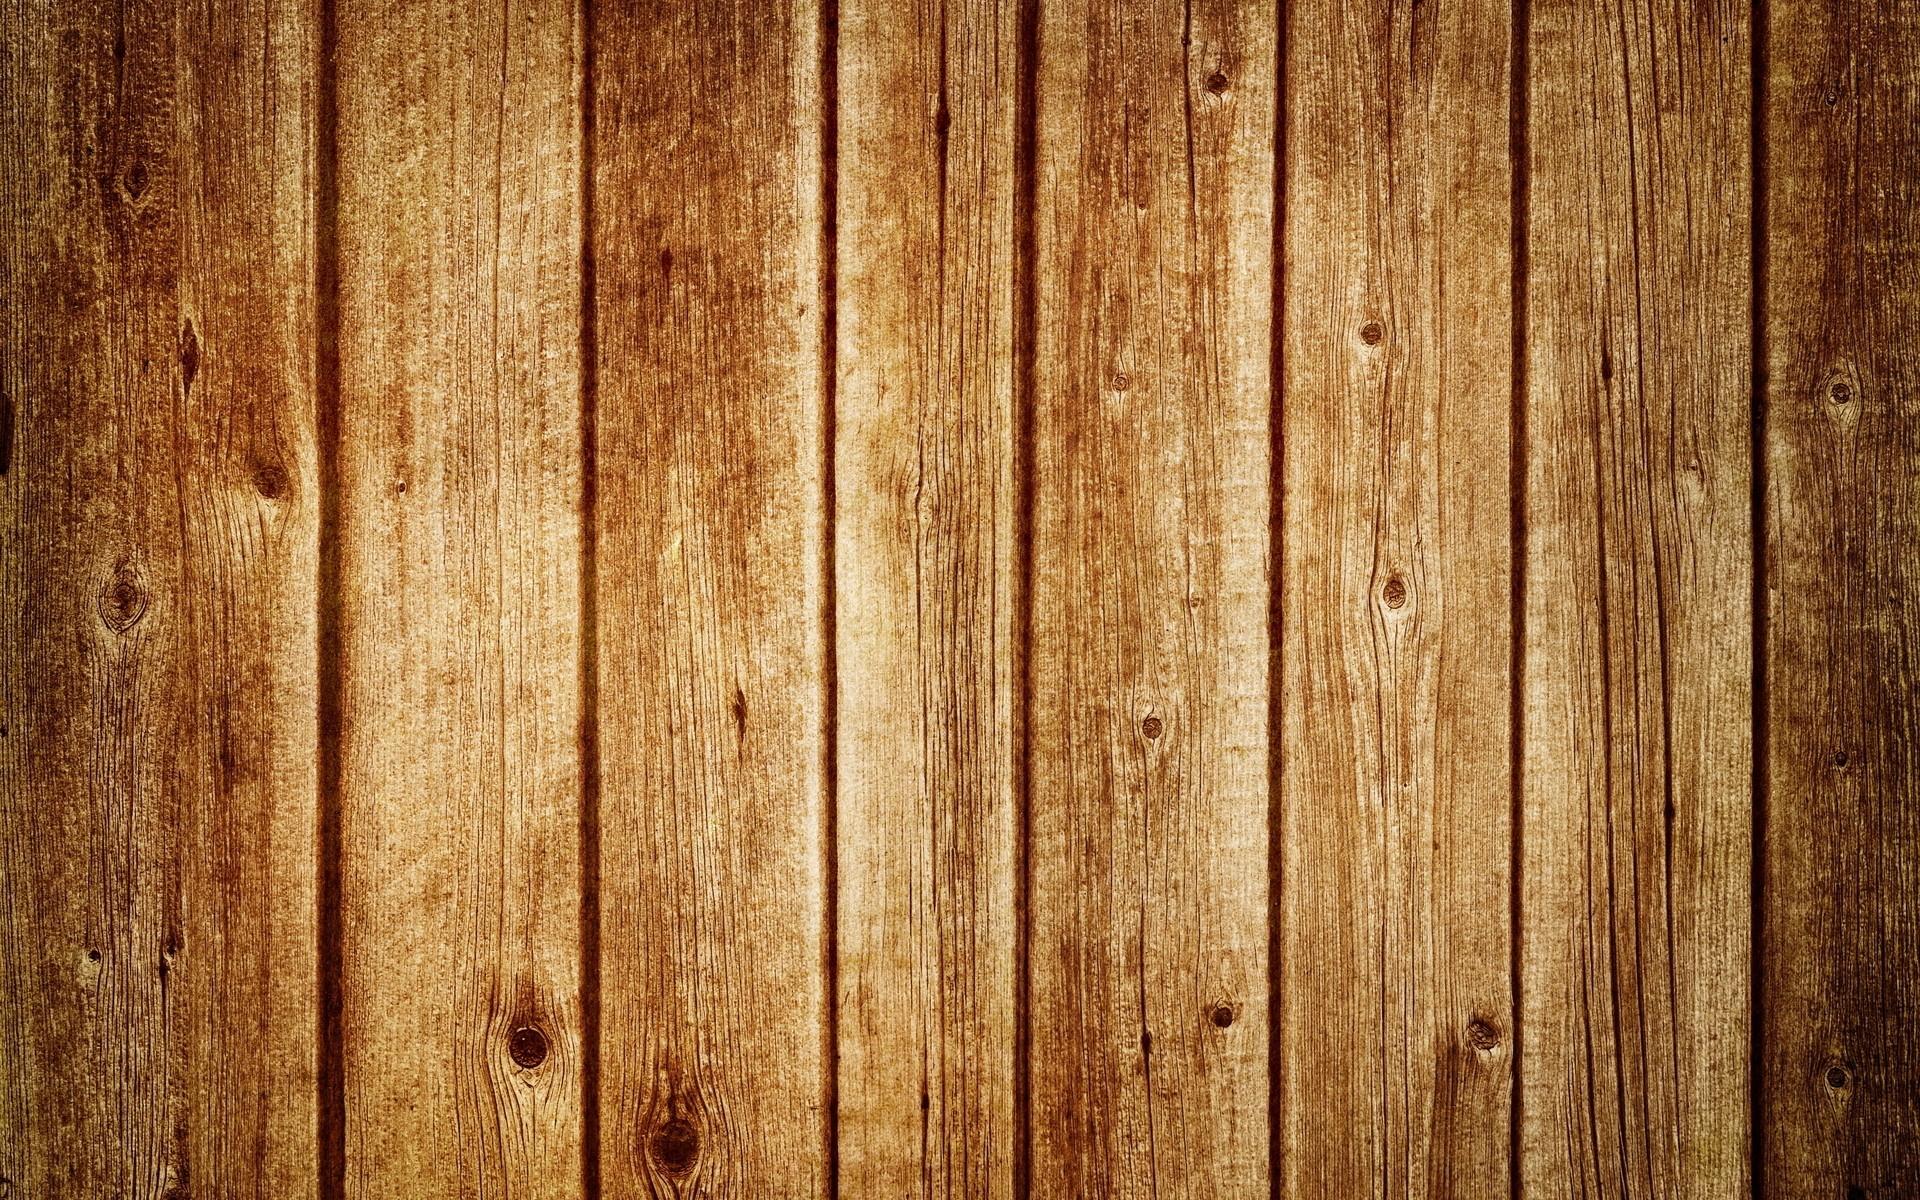 배경 화면 : 미니멀리즘, 조직, 나무 판자, 견목, 나무 바닥, 목재 ...